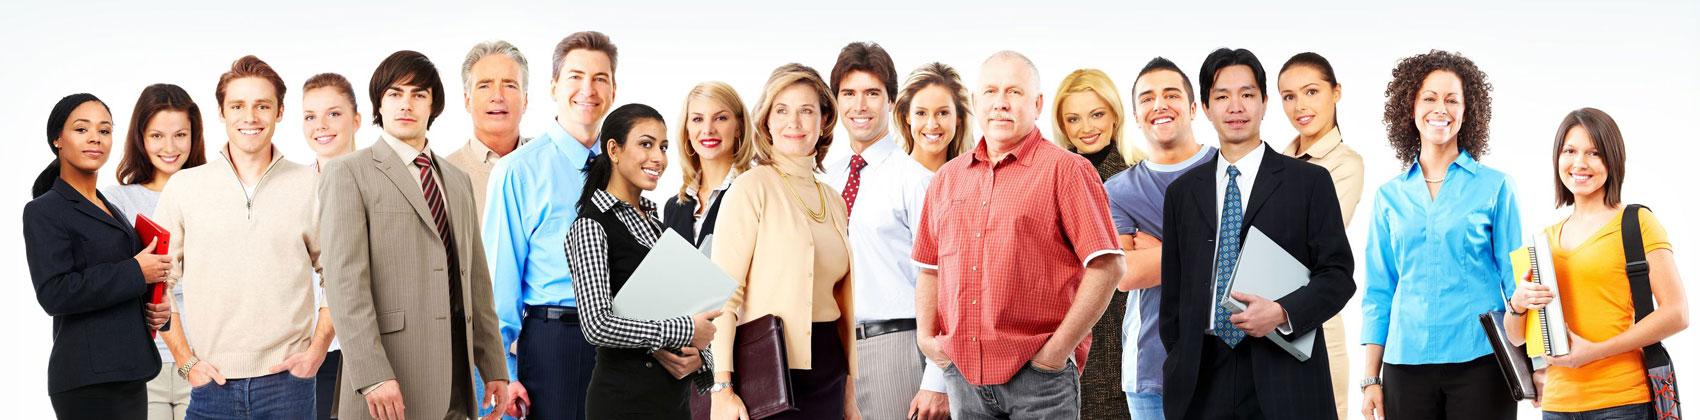 امروز در کانادا کار کن! 400 شغل فصلی جدید در بانف 2019